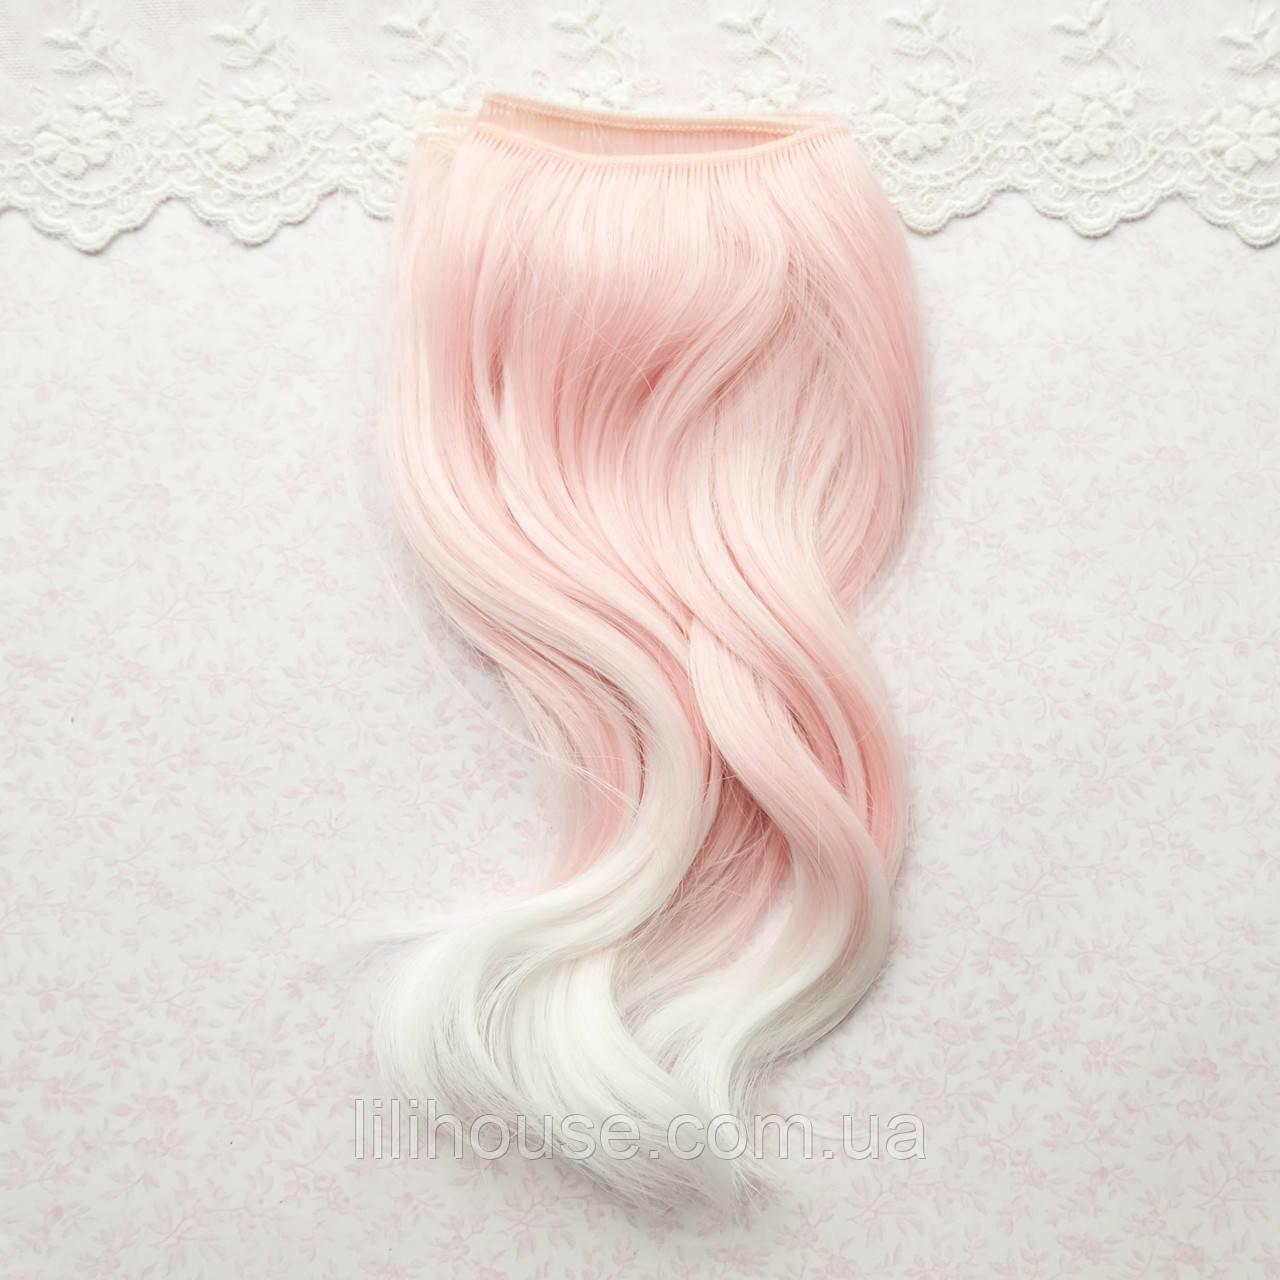 Волосы для Кукол Трессы Крупная Волна Омбре РОЗОВЫЙ с БЕЛЫМ 15 см